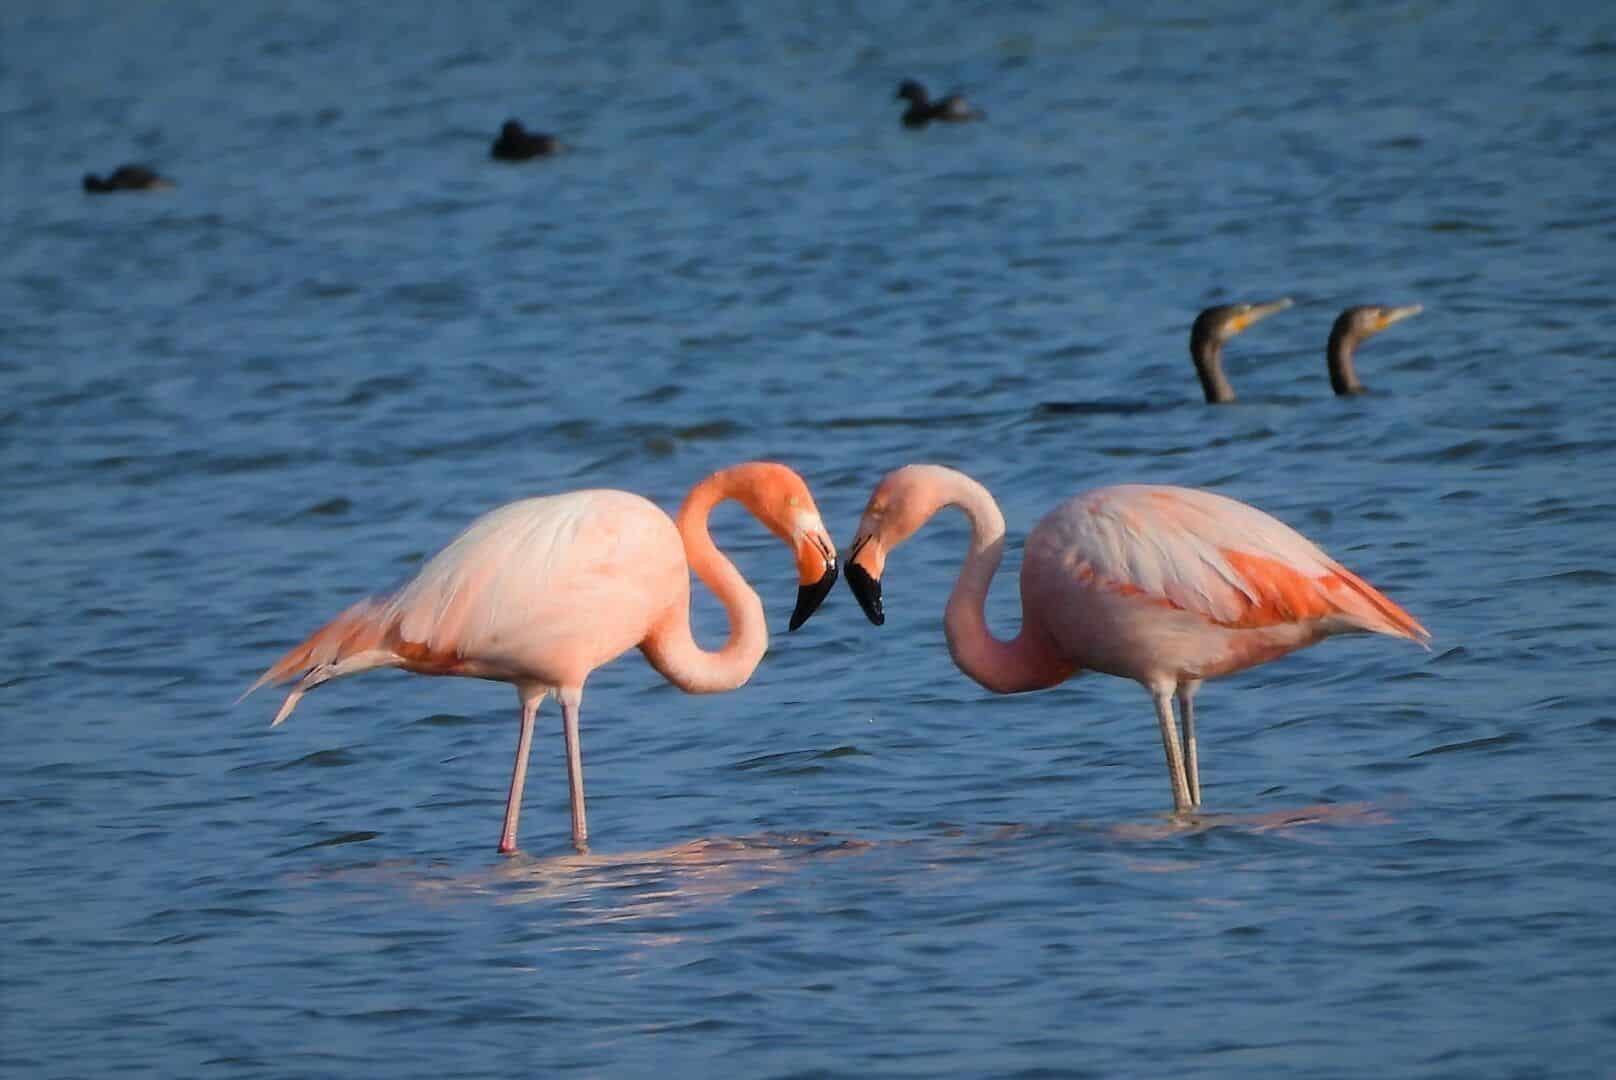 Flamingos - principais características e comportamentos da ave rosada